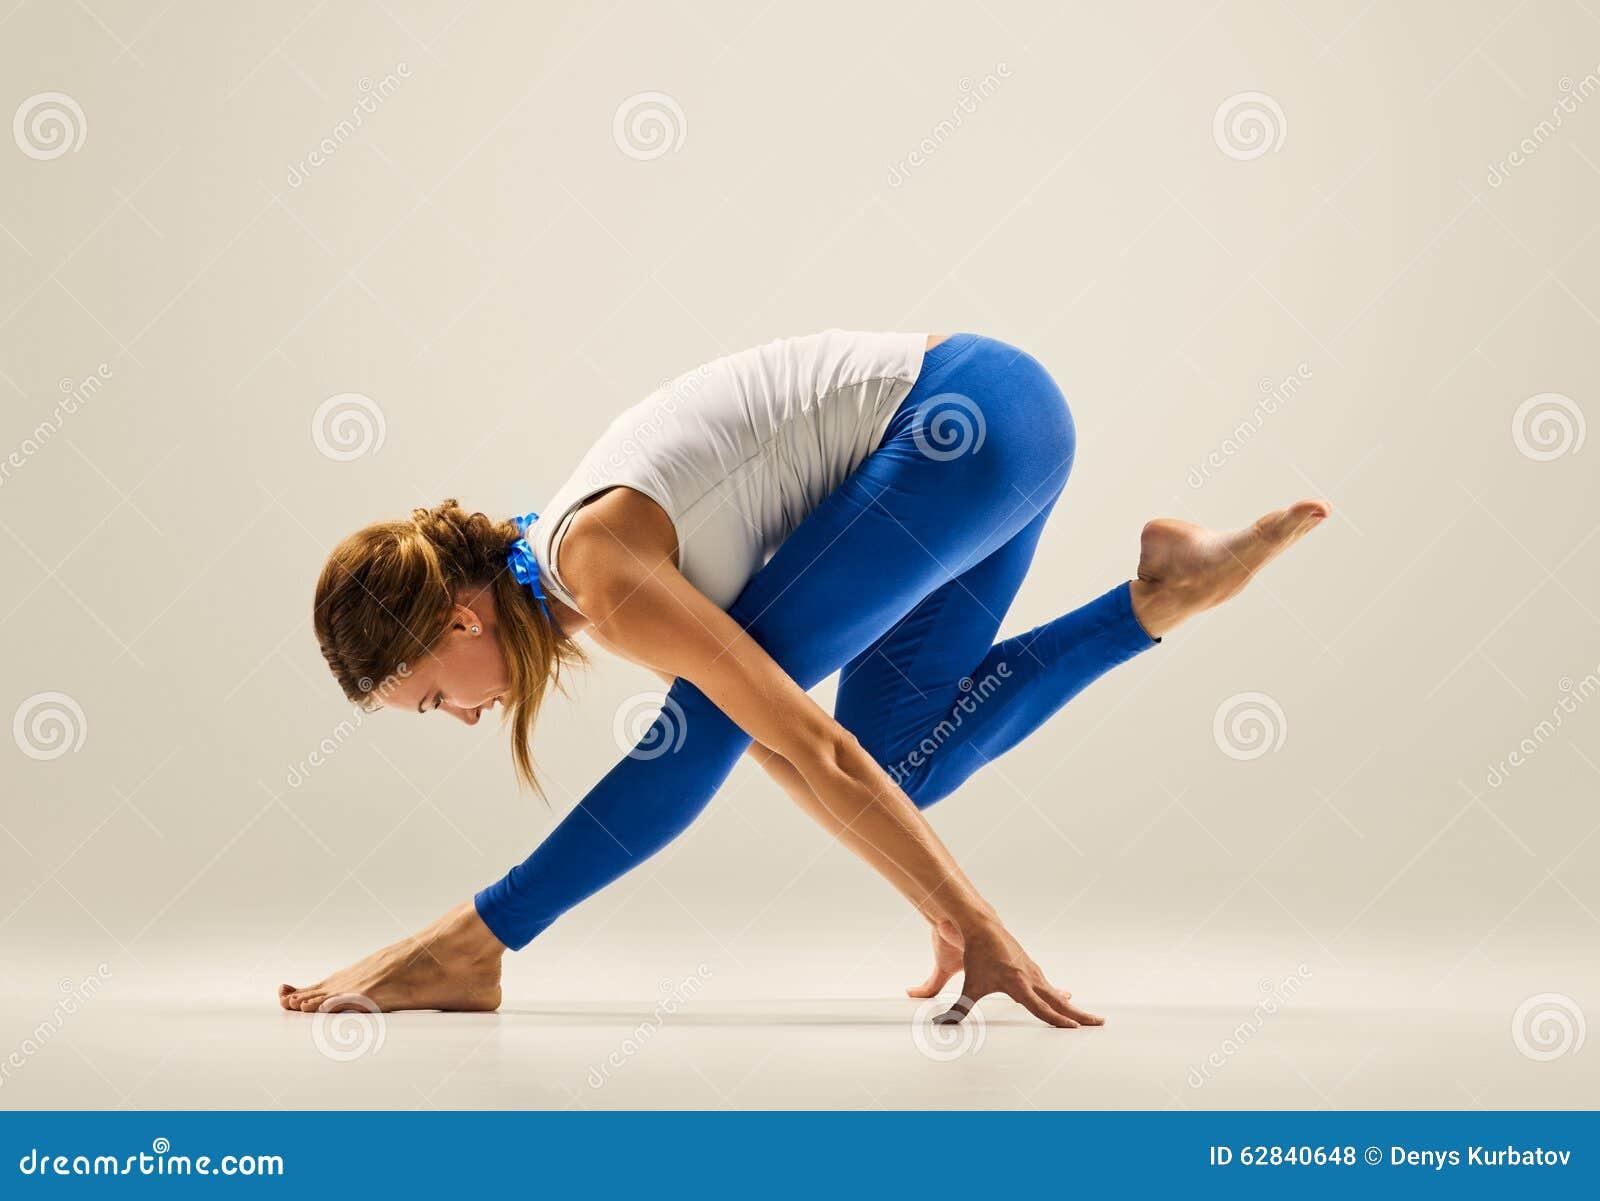 Gymnastics Sex Poses 34